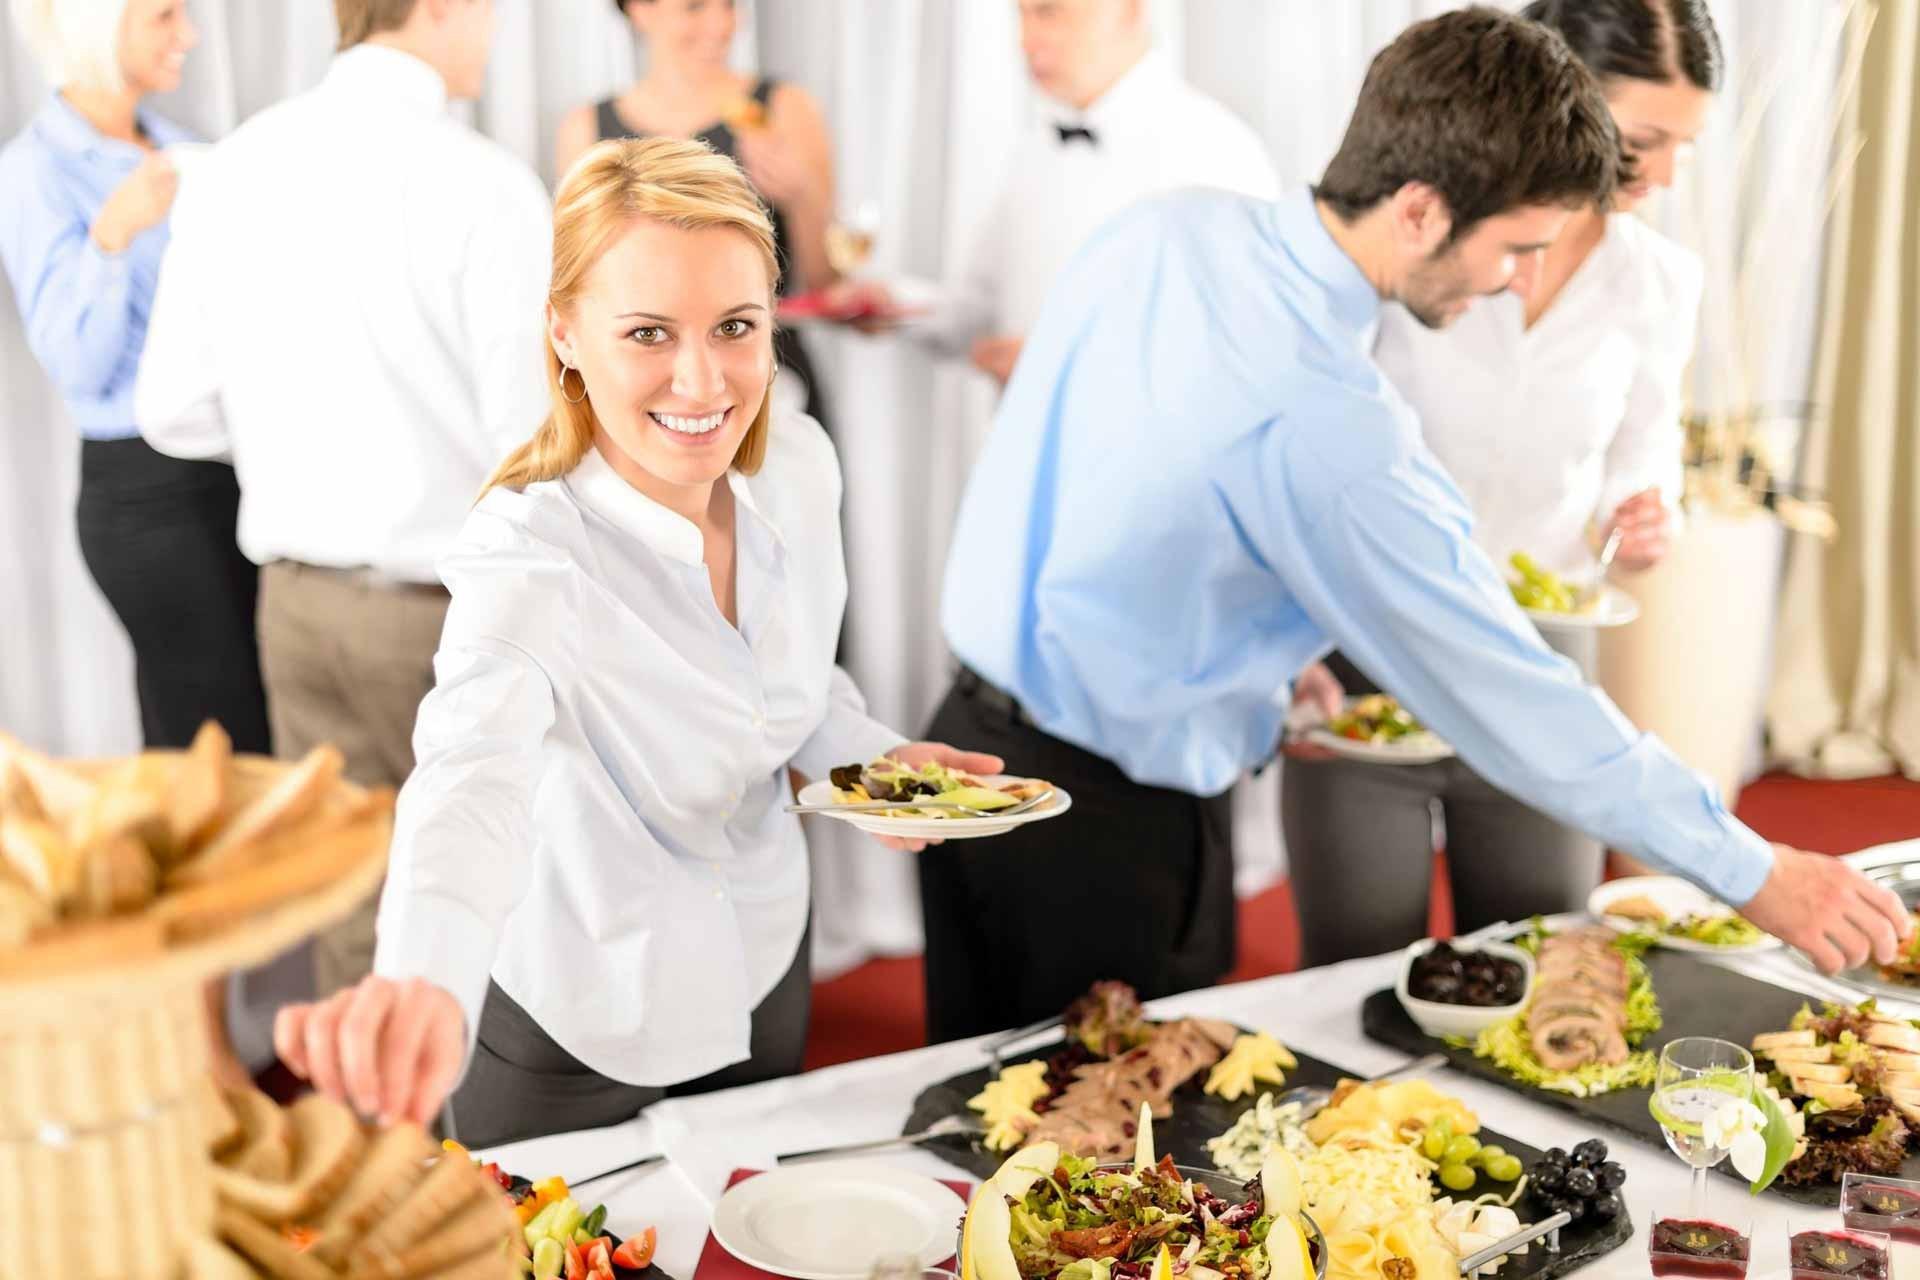 Ученые: общие обеды повышают продуктивность работы коллектива